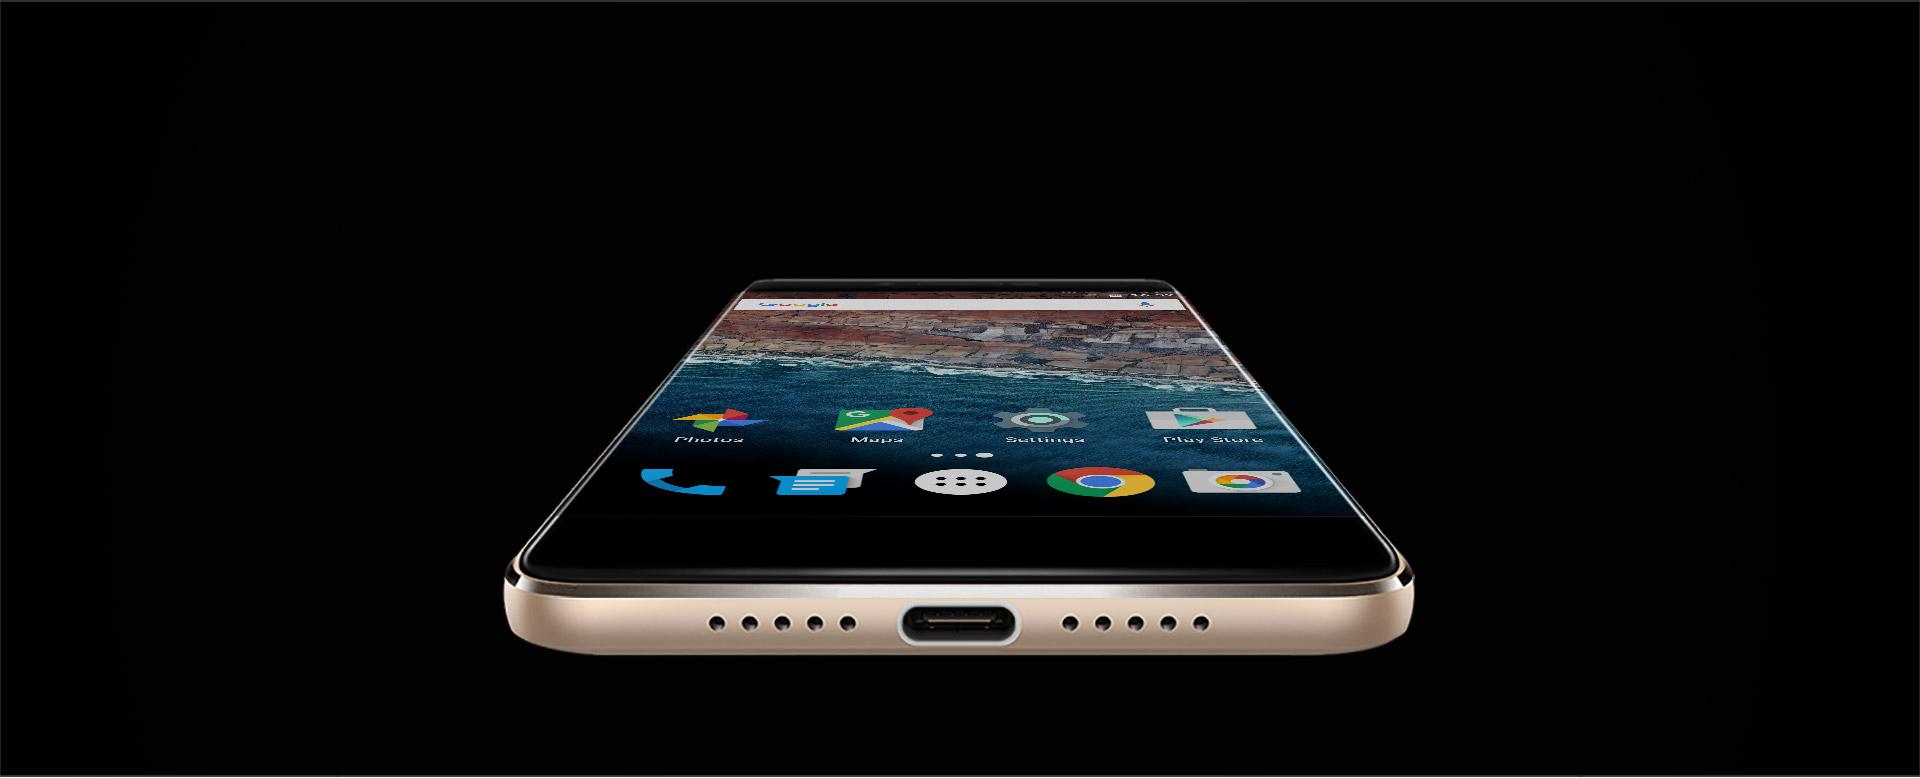 สมาร์ทโฟน Ulefone Future มาพร้อมจอไร้ขอบ รองรับการทำงานร่วมกับแว่น VR